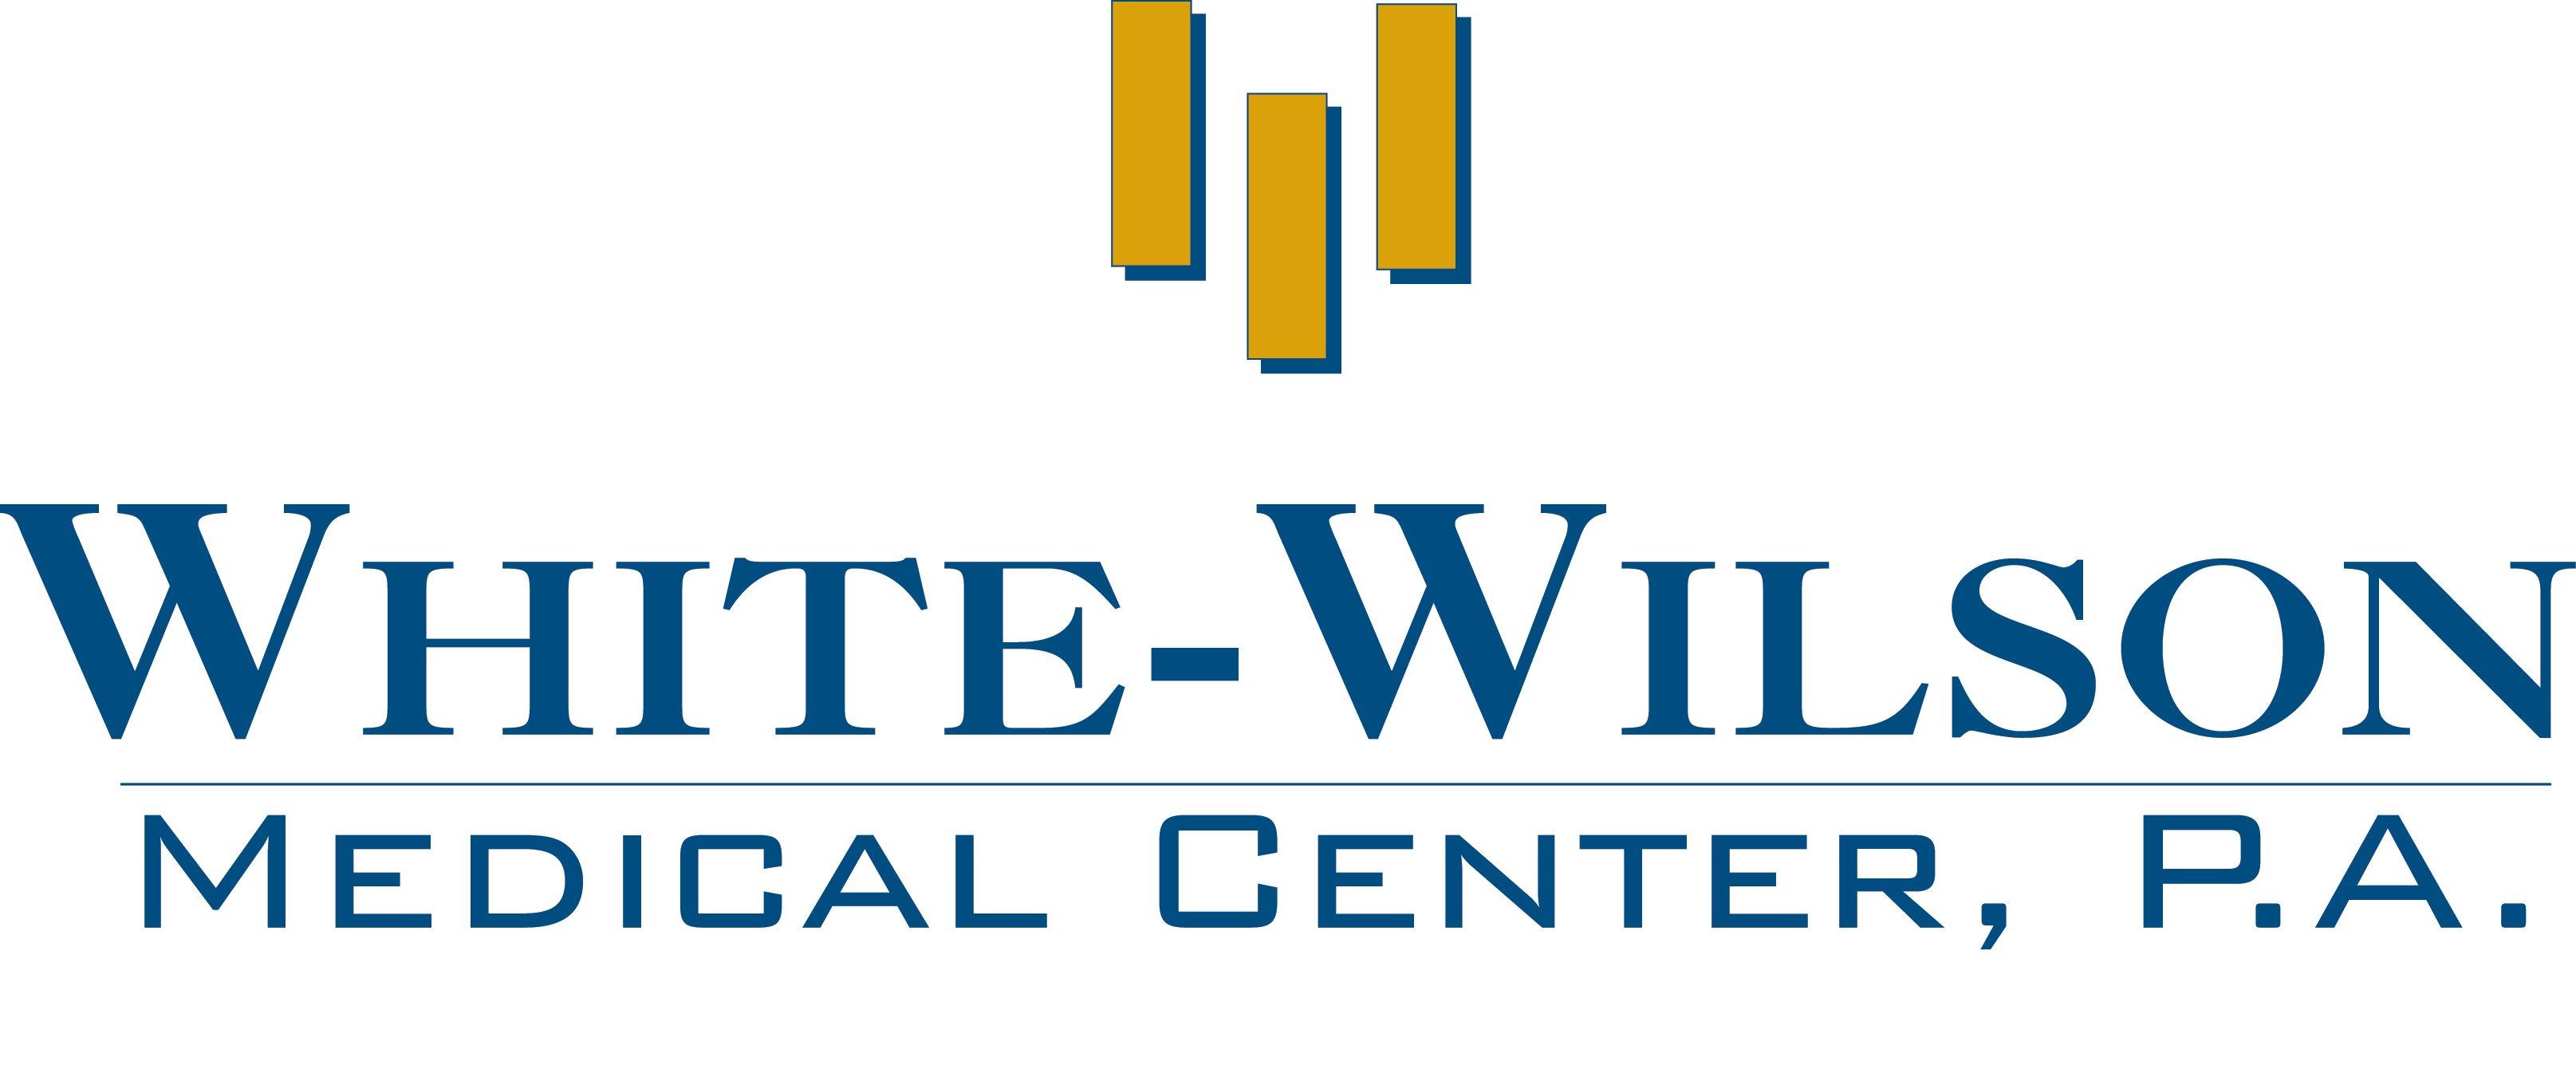 White-Wilson Medical Center